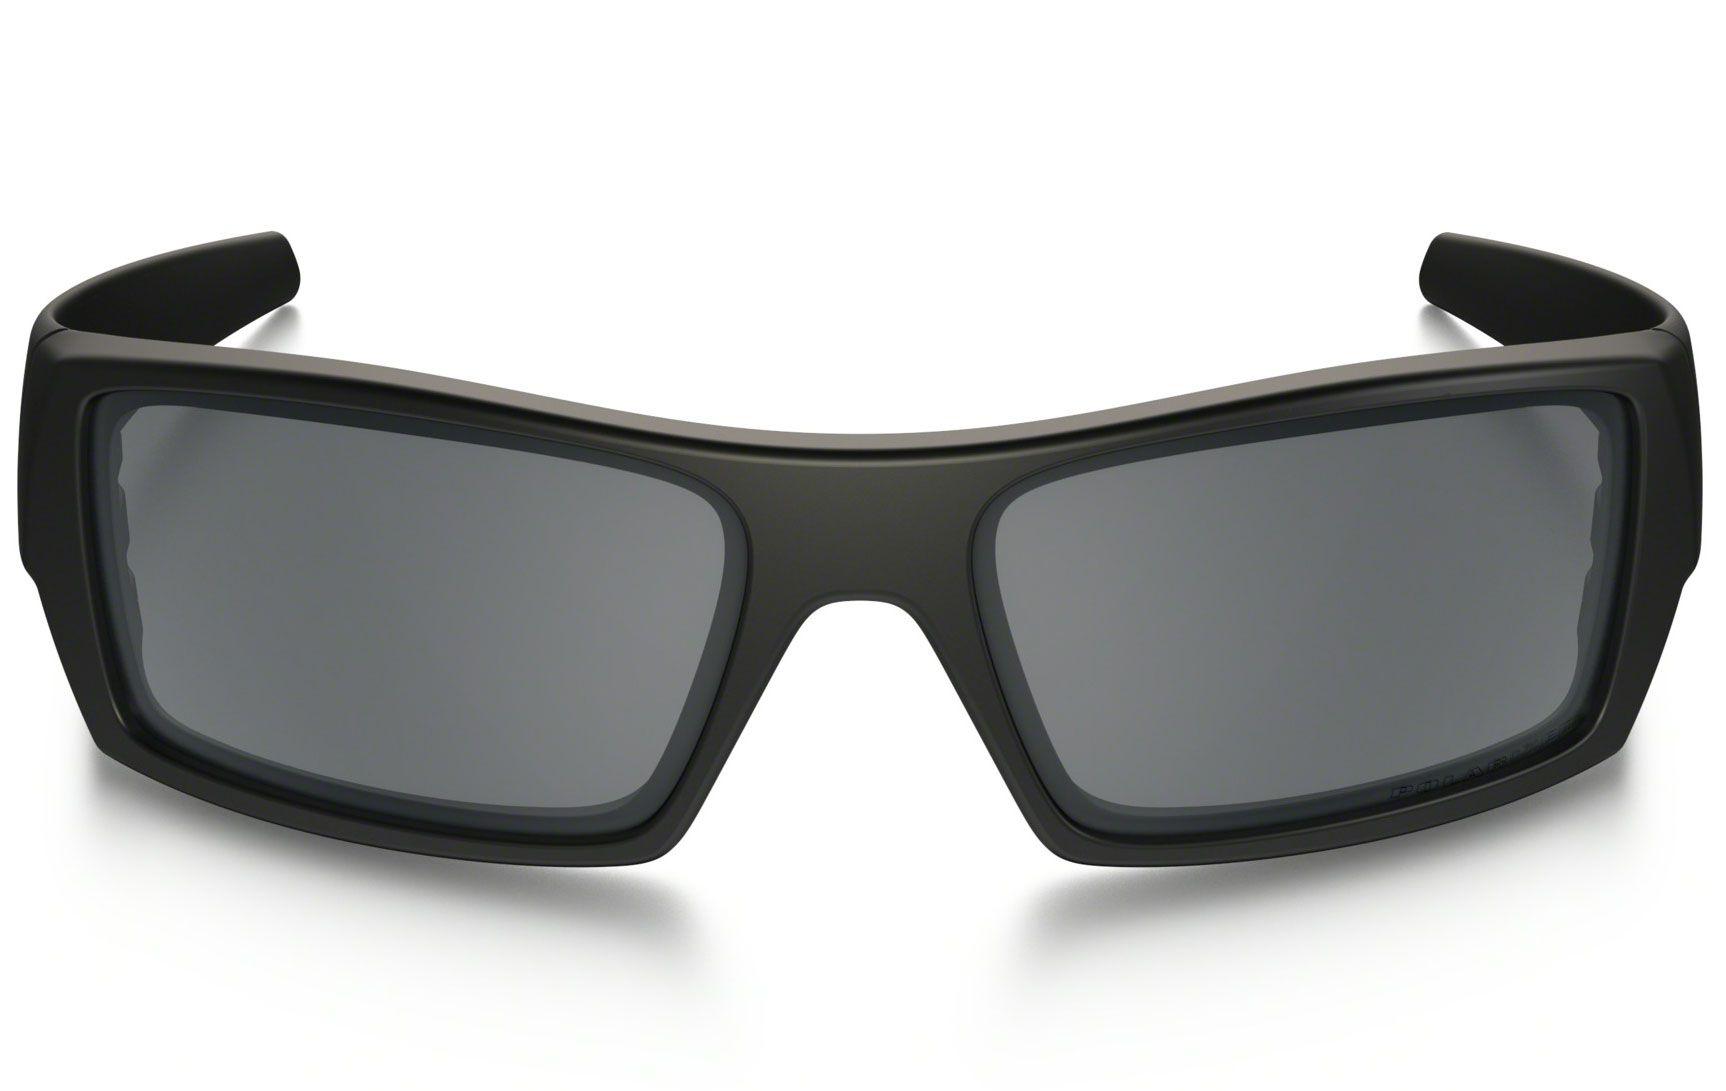 f4e00f2886c Oakley Polarized Gascan Matte Black Sunglasses - OO9014 12-856 61